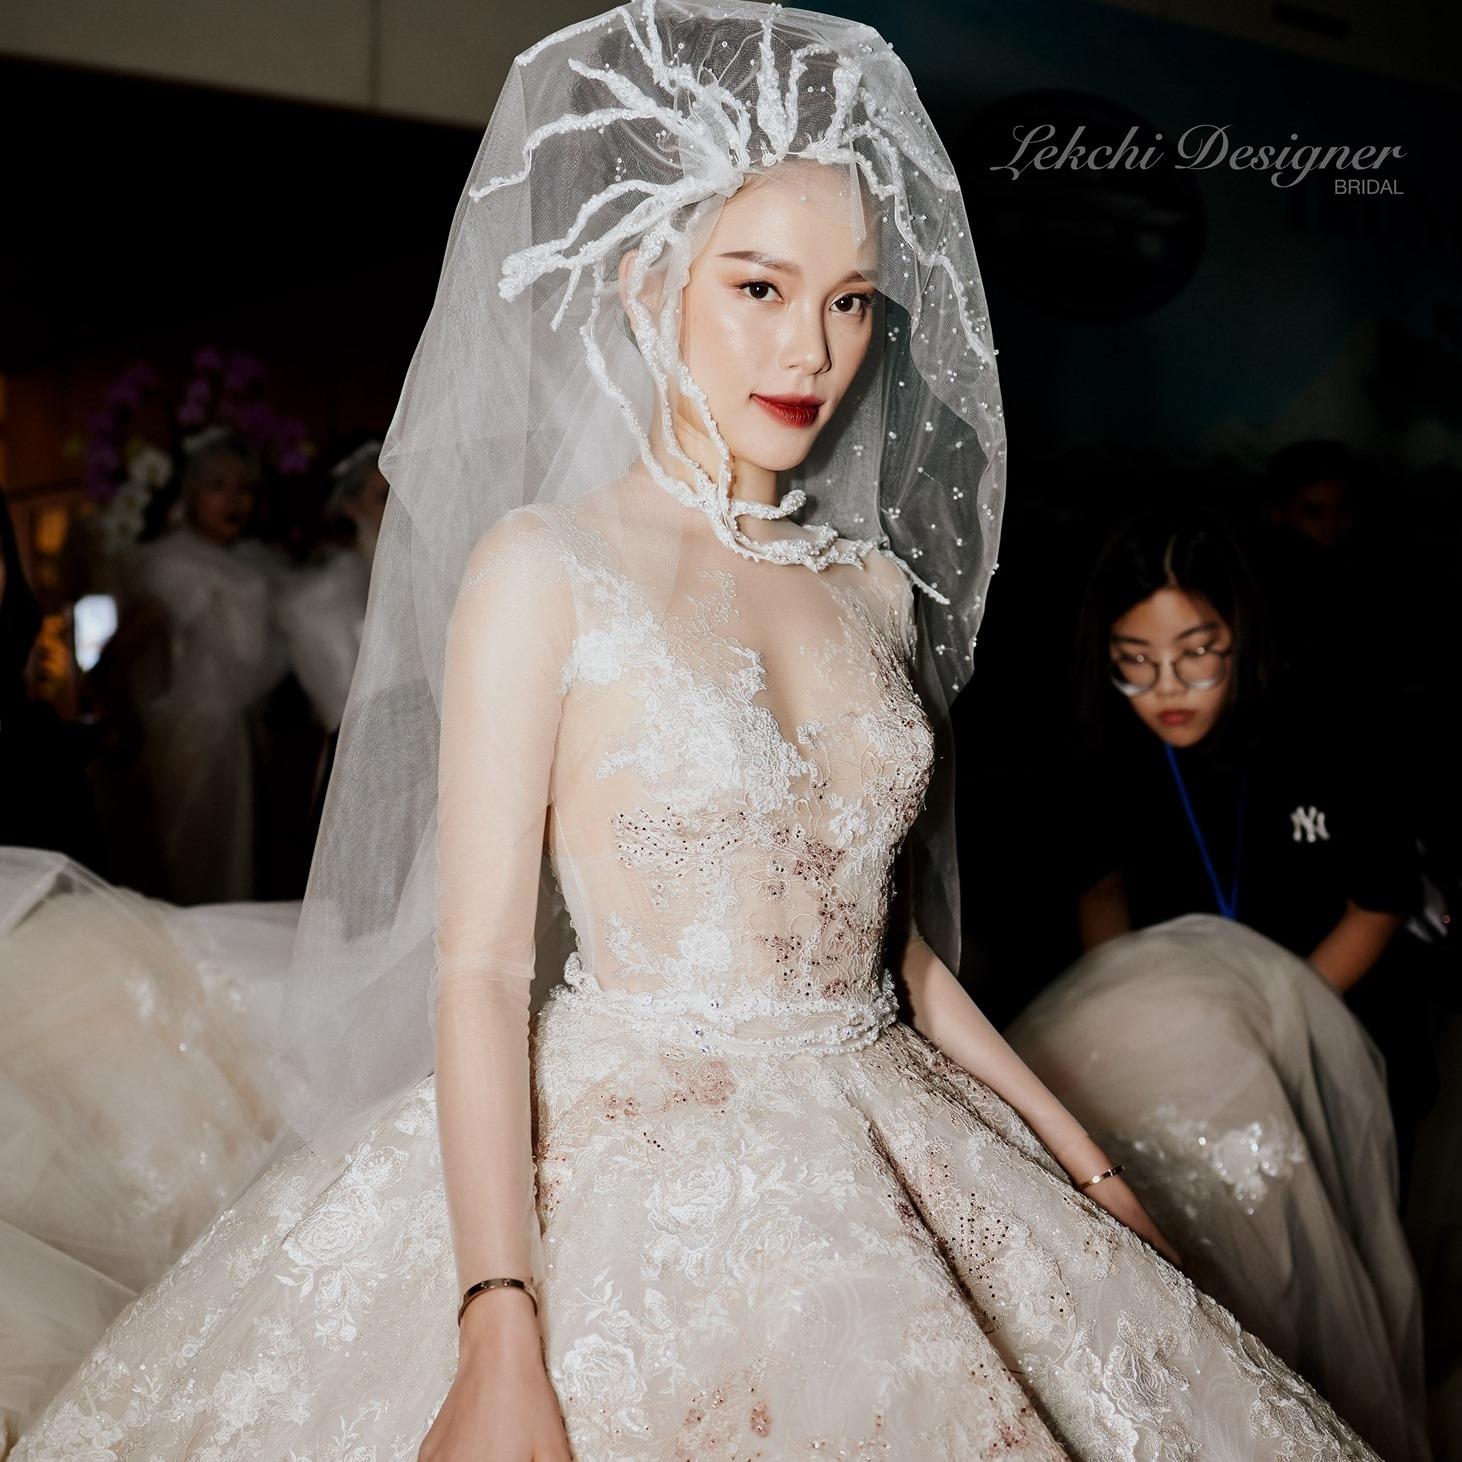 Lek Chi Bridal